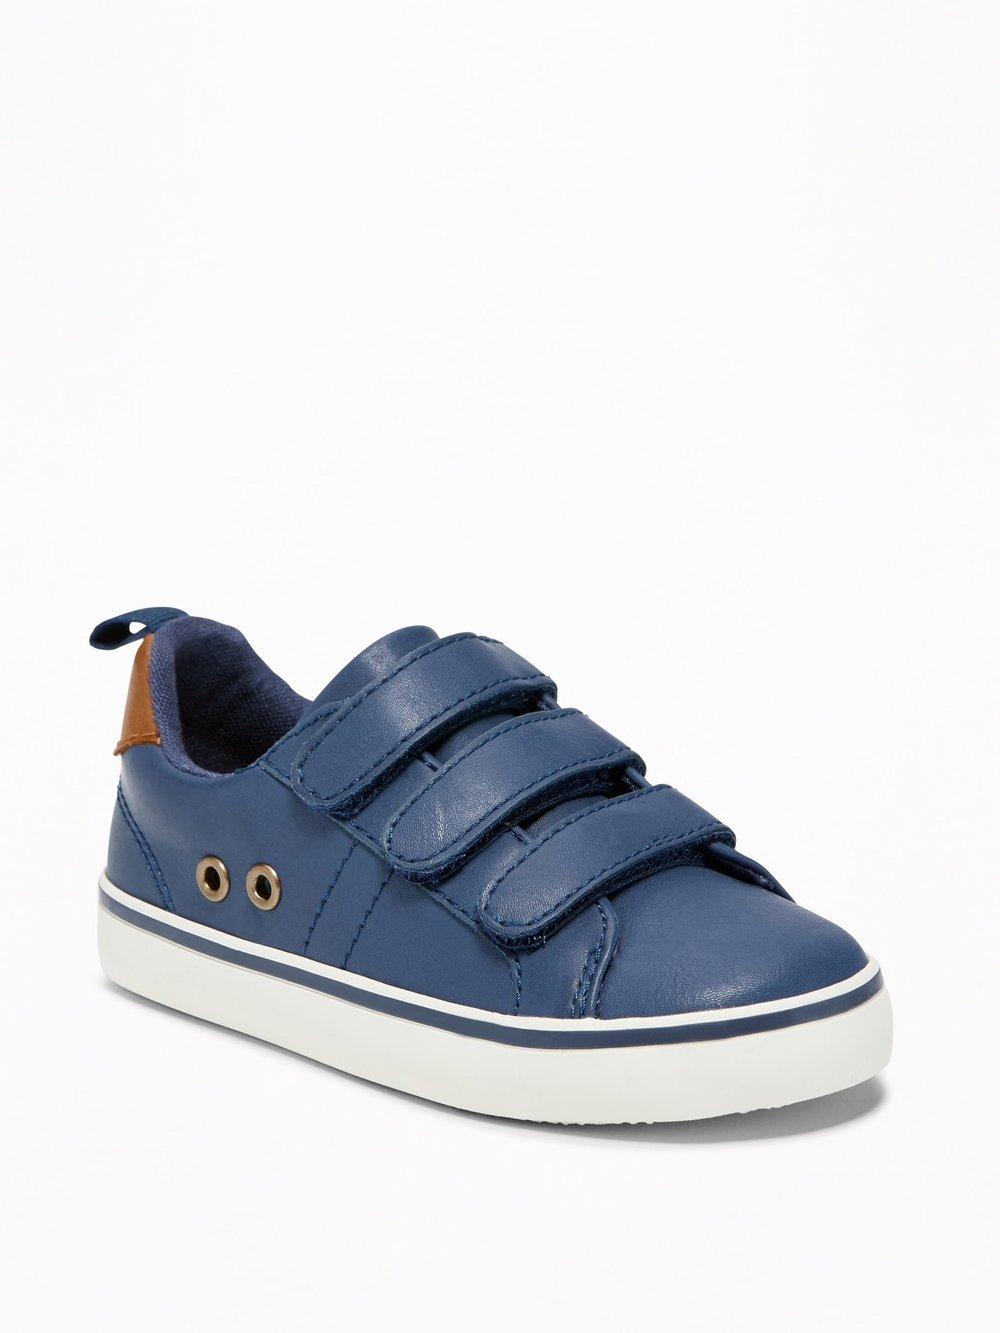 toddler boy shoe.jpg